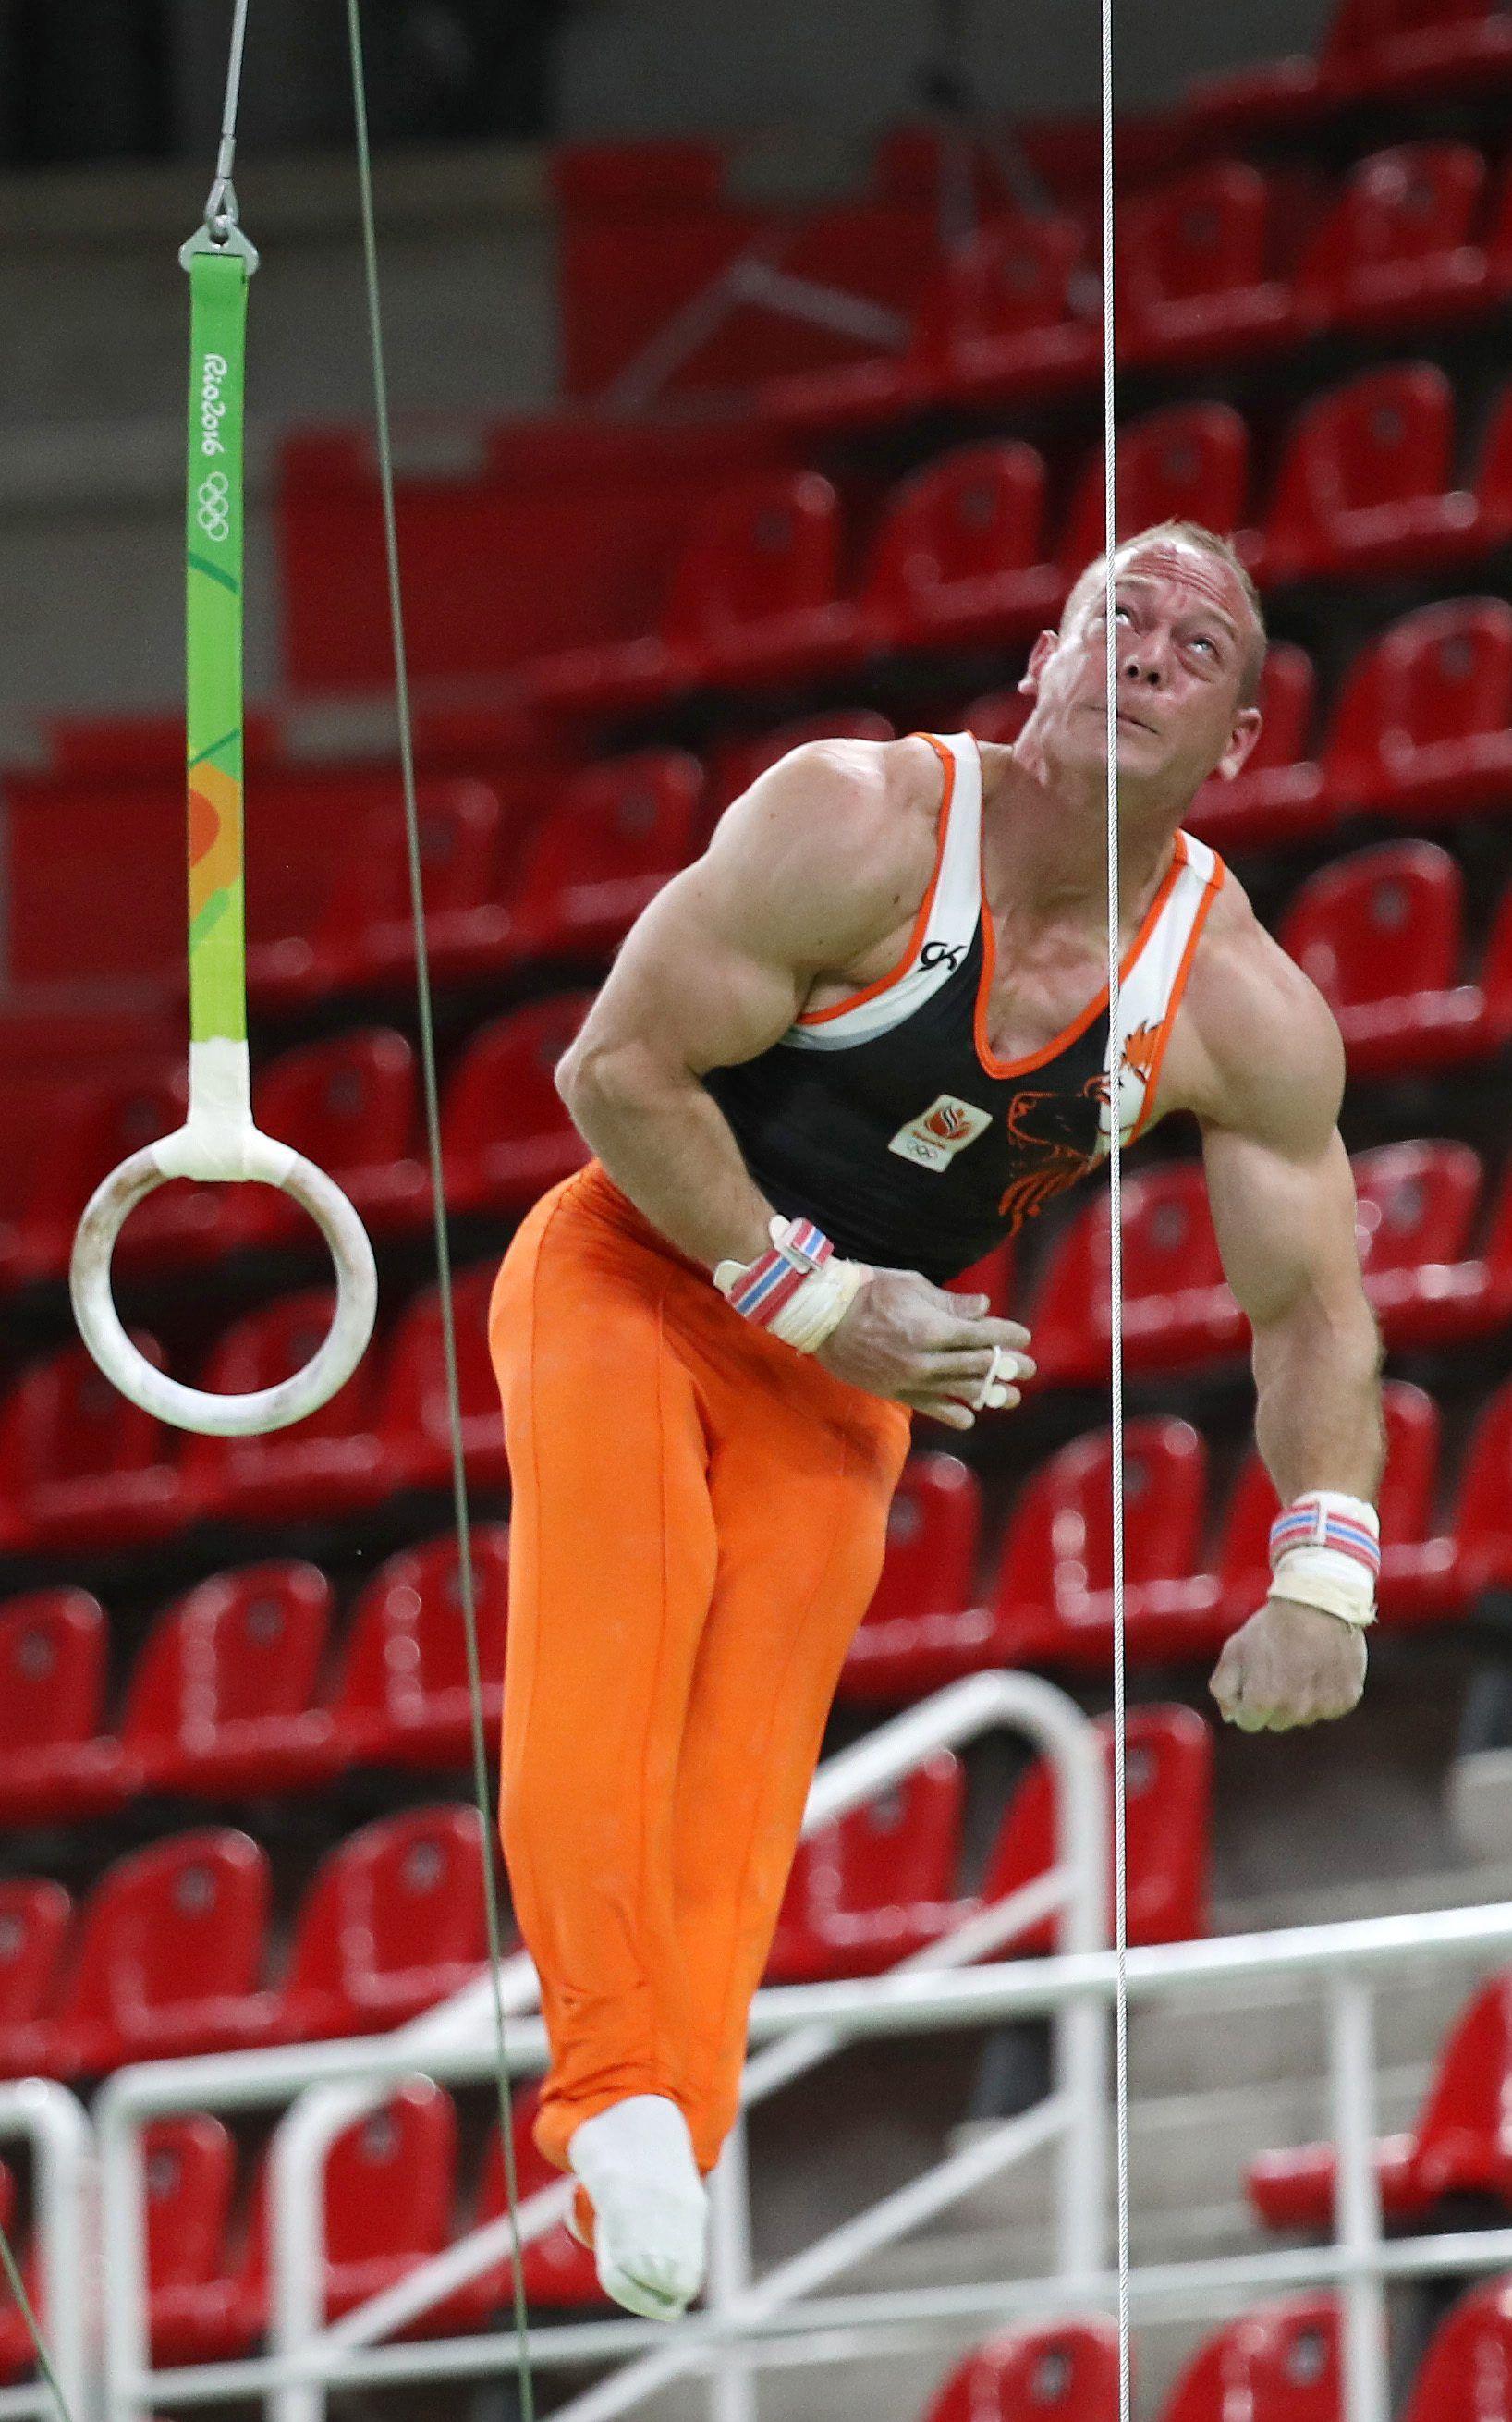 Un gimnasta holandés fue echado de los Juegos por irse de fiesta